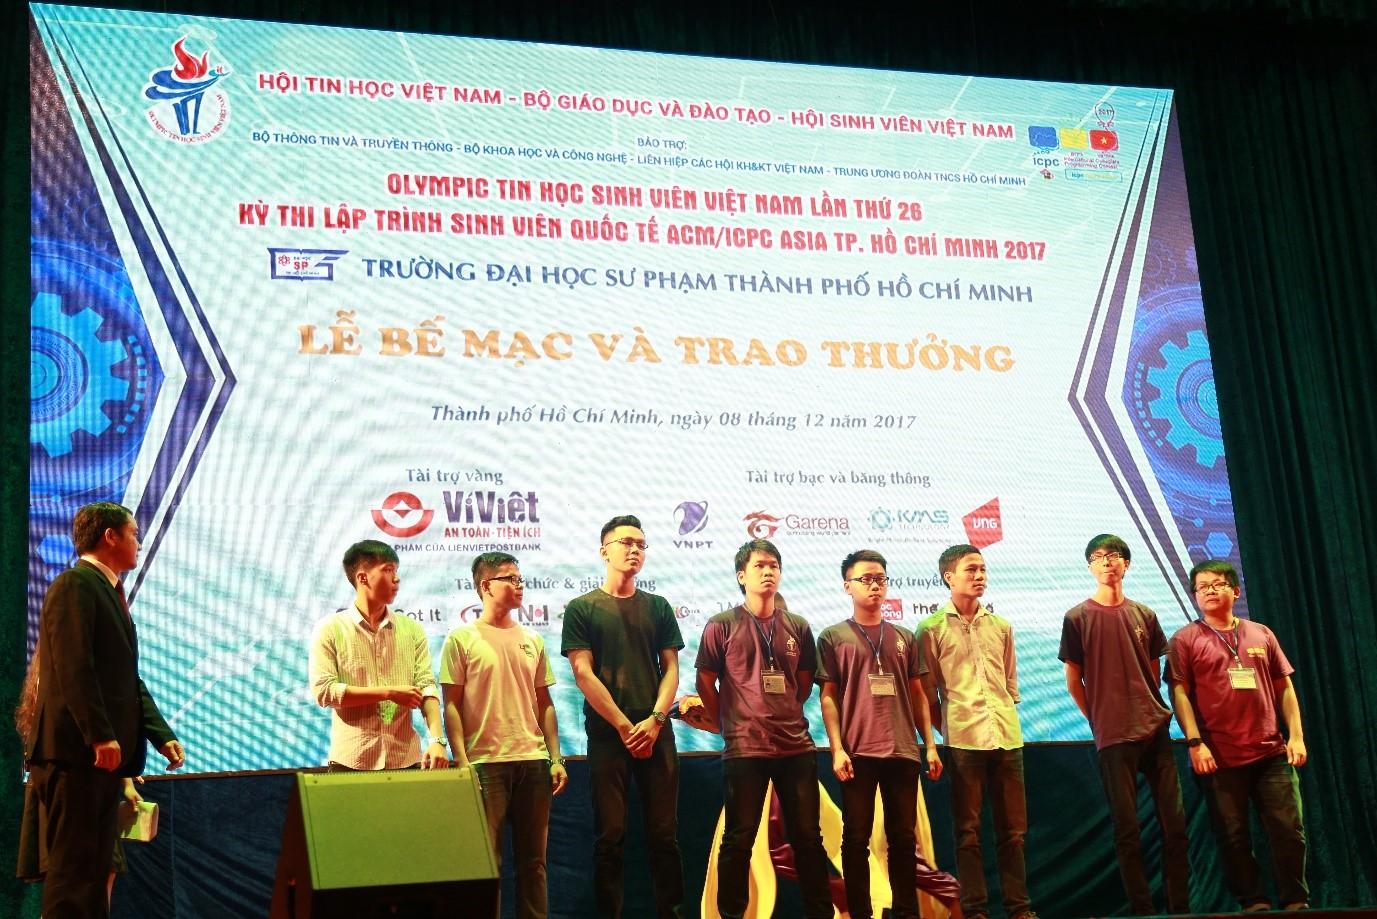 Sản phẩm công nghệ của VNG gây ấn tượng với ứng viên tại cuộc thi lập trình lớn nhất thế giới